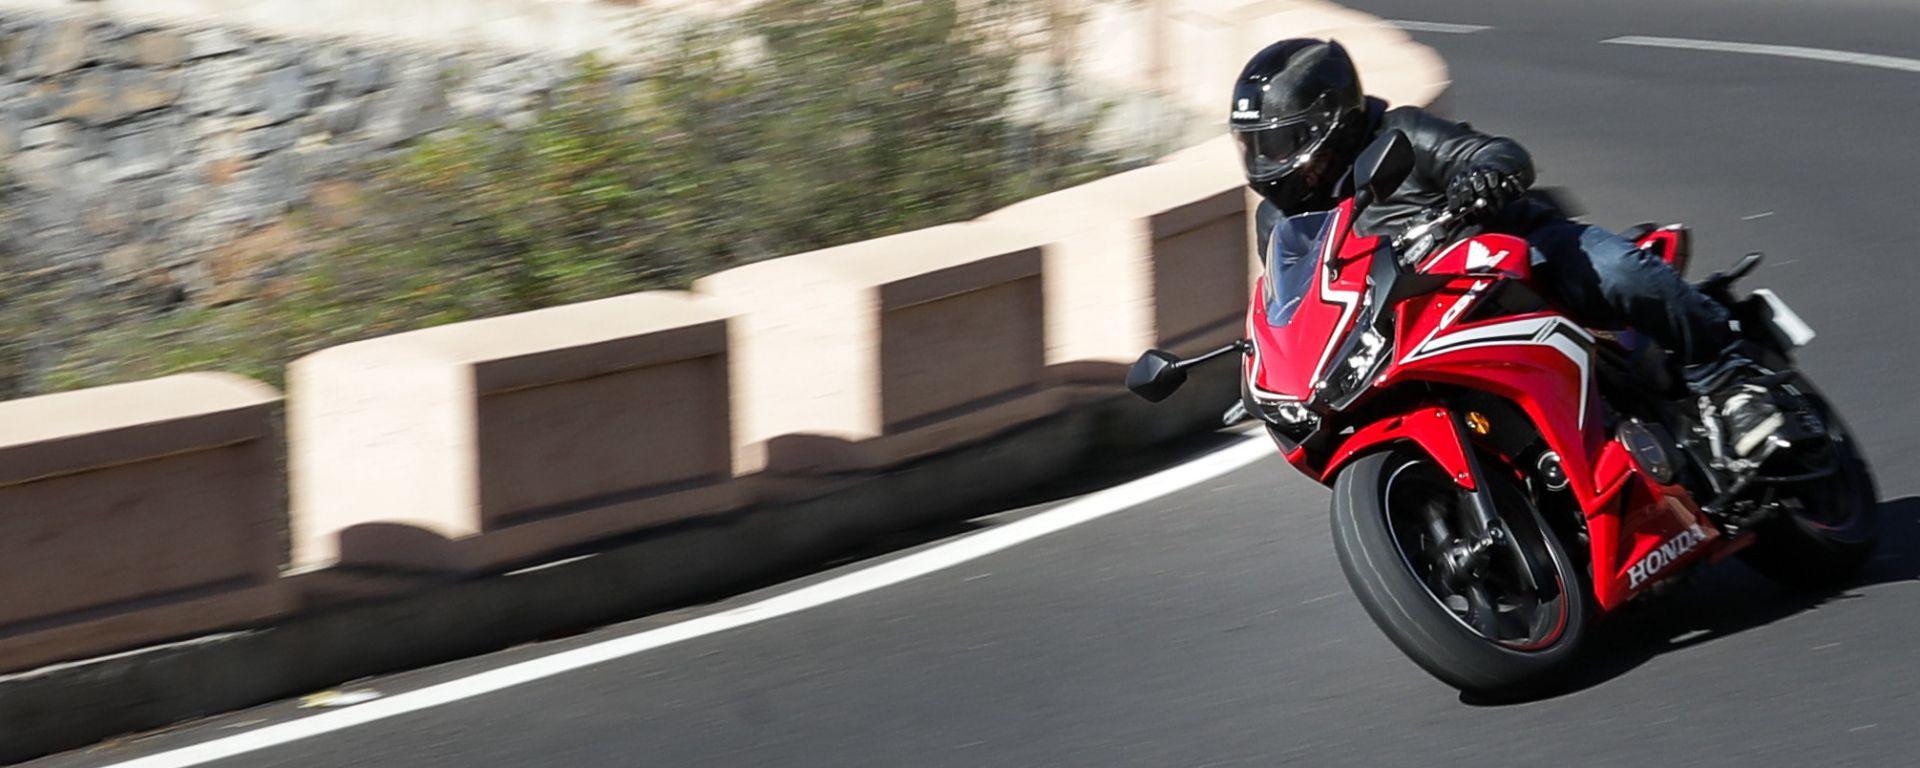 Honda CBR500R e CB500F 2019: le opinioni dopo la prova